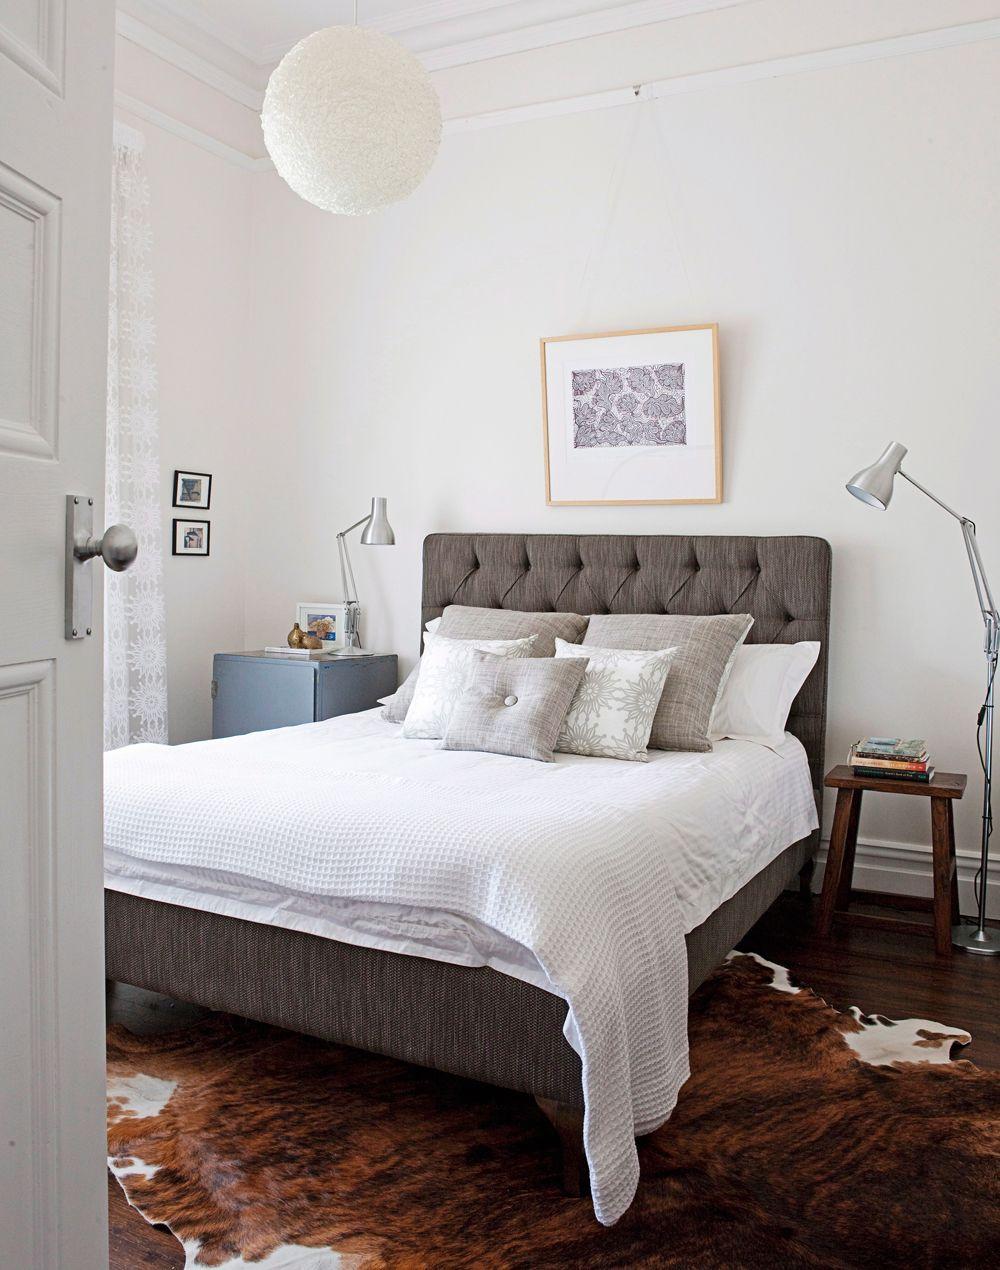 Die 10 inspirierendsten Schlafzimmer | Pinterest | Kuhfell ...